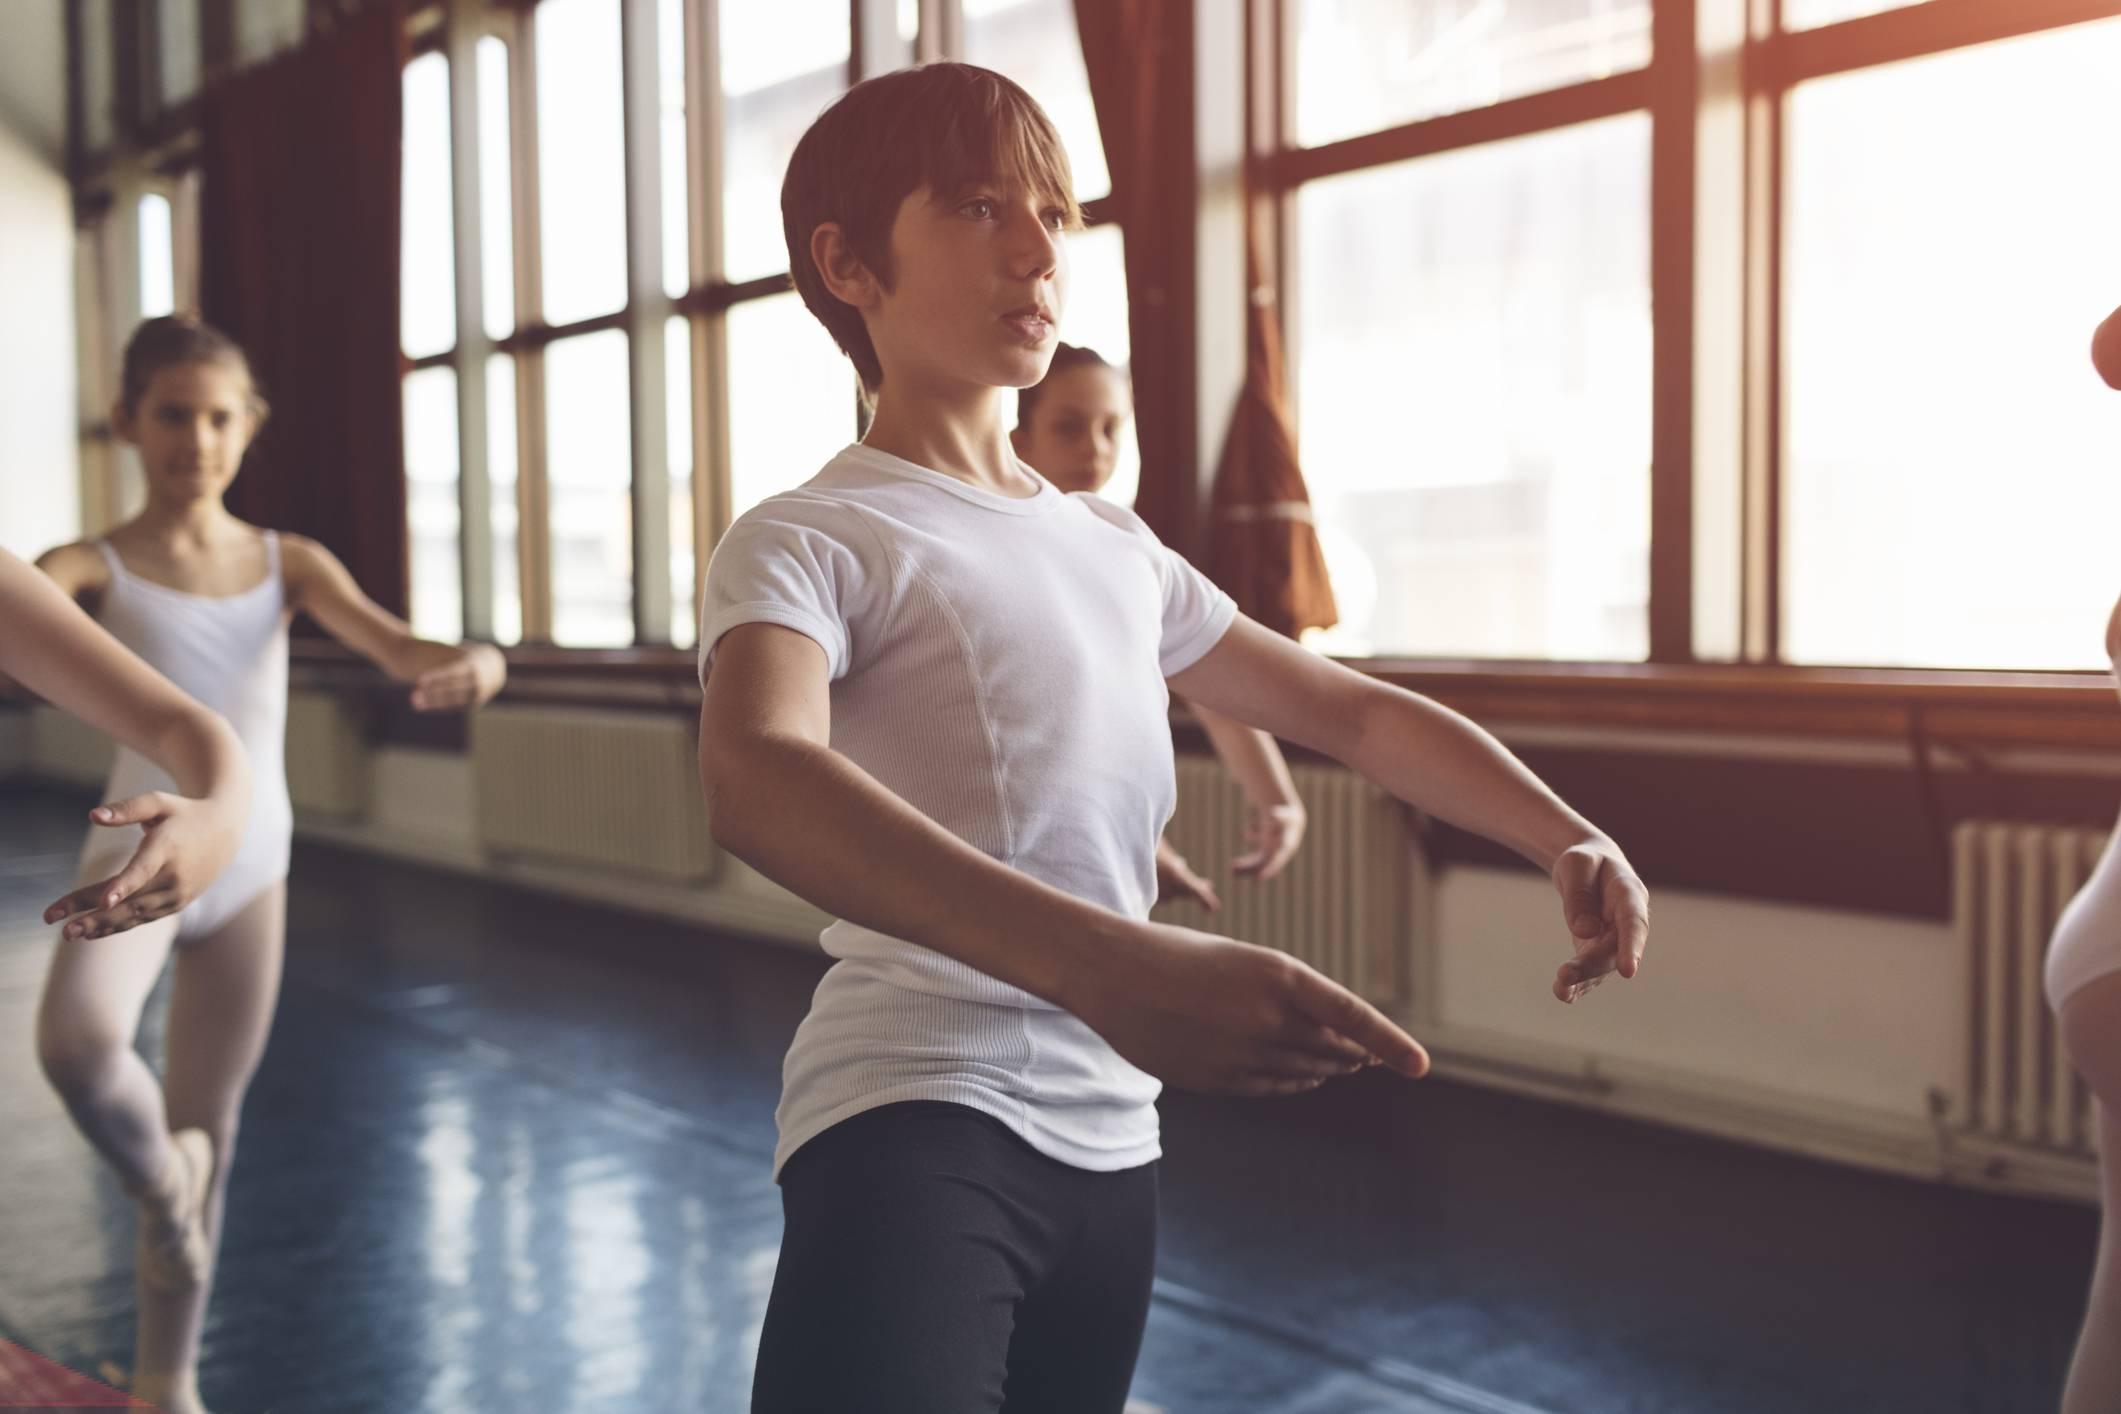 Entanda quais são os benefícios do ballet clássico para a saúde